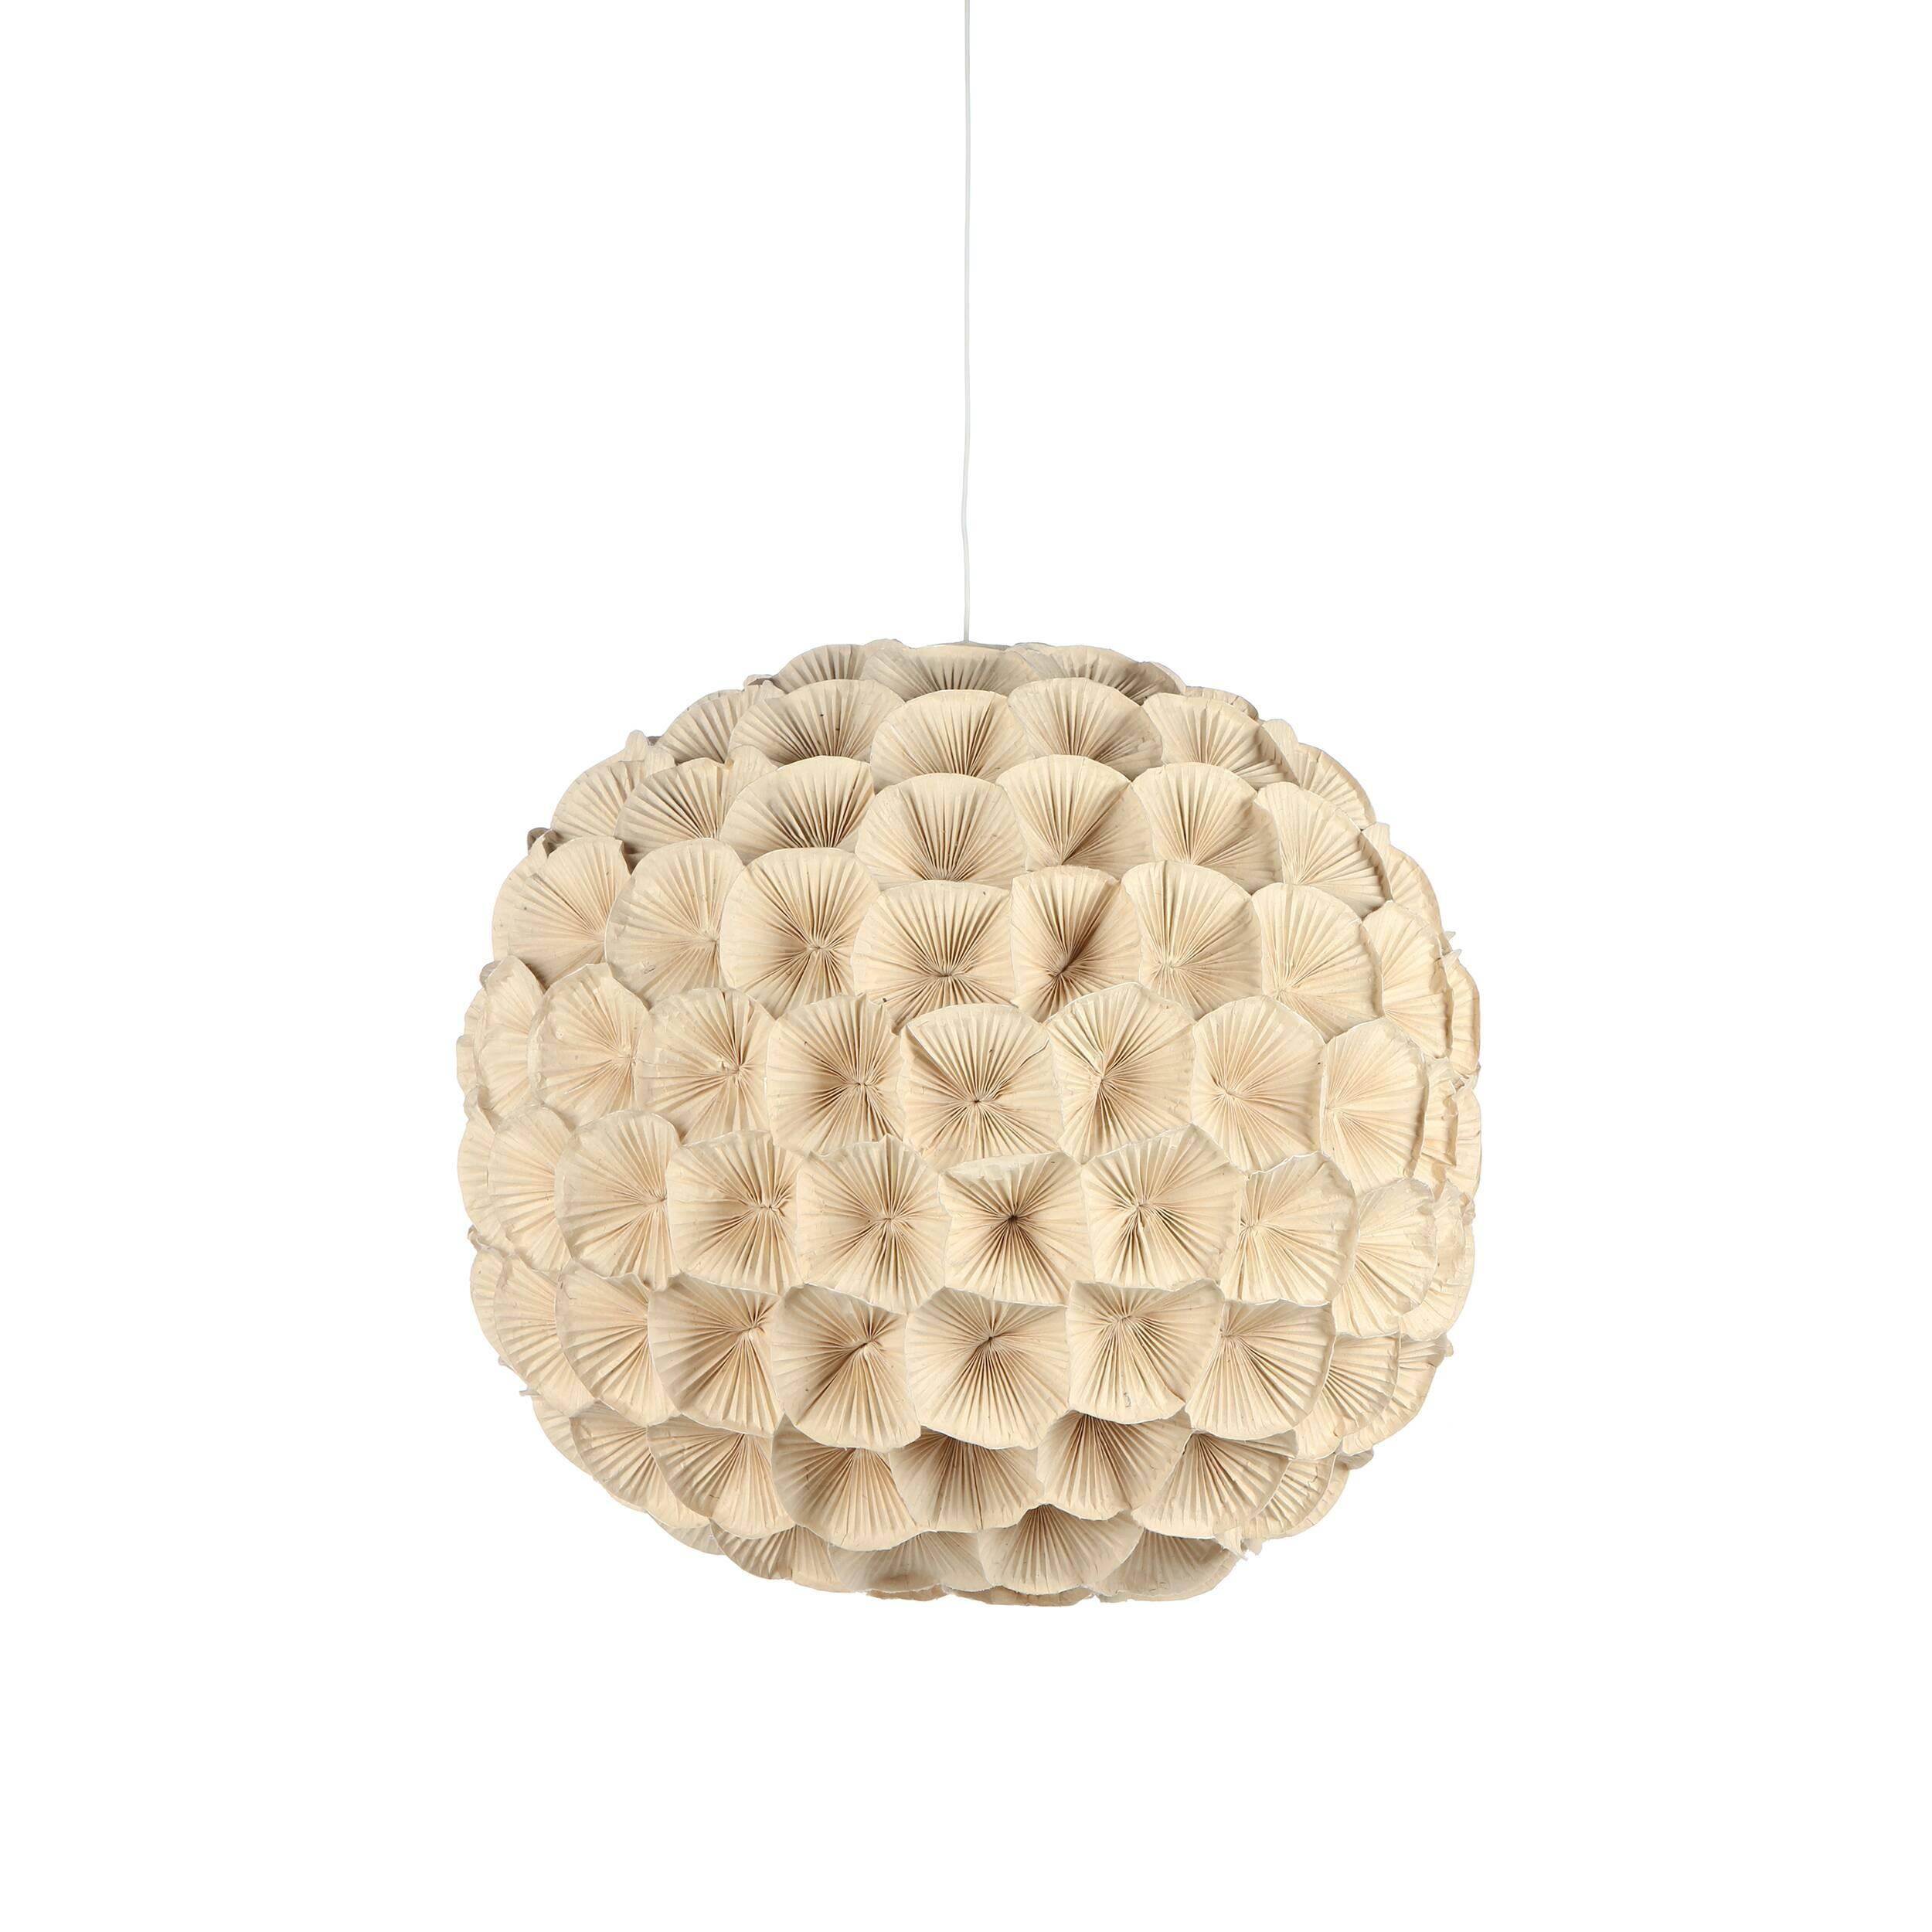 Подвесной светильник Poppy 2Подвесные<br>Этот удивительно нежный и теплый светильник всем своим видом излучает скромное очарование, сдержанную красоту и элегантную женственность. Все это — отличительные черты коллекции светильников Poppy, которую разработала утонченная Кристи Мангуэрра, постоянный дизайнер компании Hive. Компания базируется на Филиппинах и использует в производстве исключительно натуральные природные материалы.<br><br><br> Цветы, формирующие подвесной светильник Poppy, сделаны вручную из гофрированного картона, плотн...<br><br>stock: 0<br>Диаметр: 60<br>Материал абажура: Медь кованная<br>Тип лампы/цоколь: E26/E27<br>Цвет абажура: Кремовый